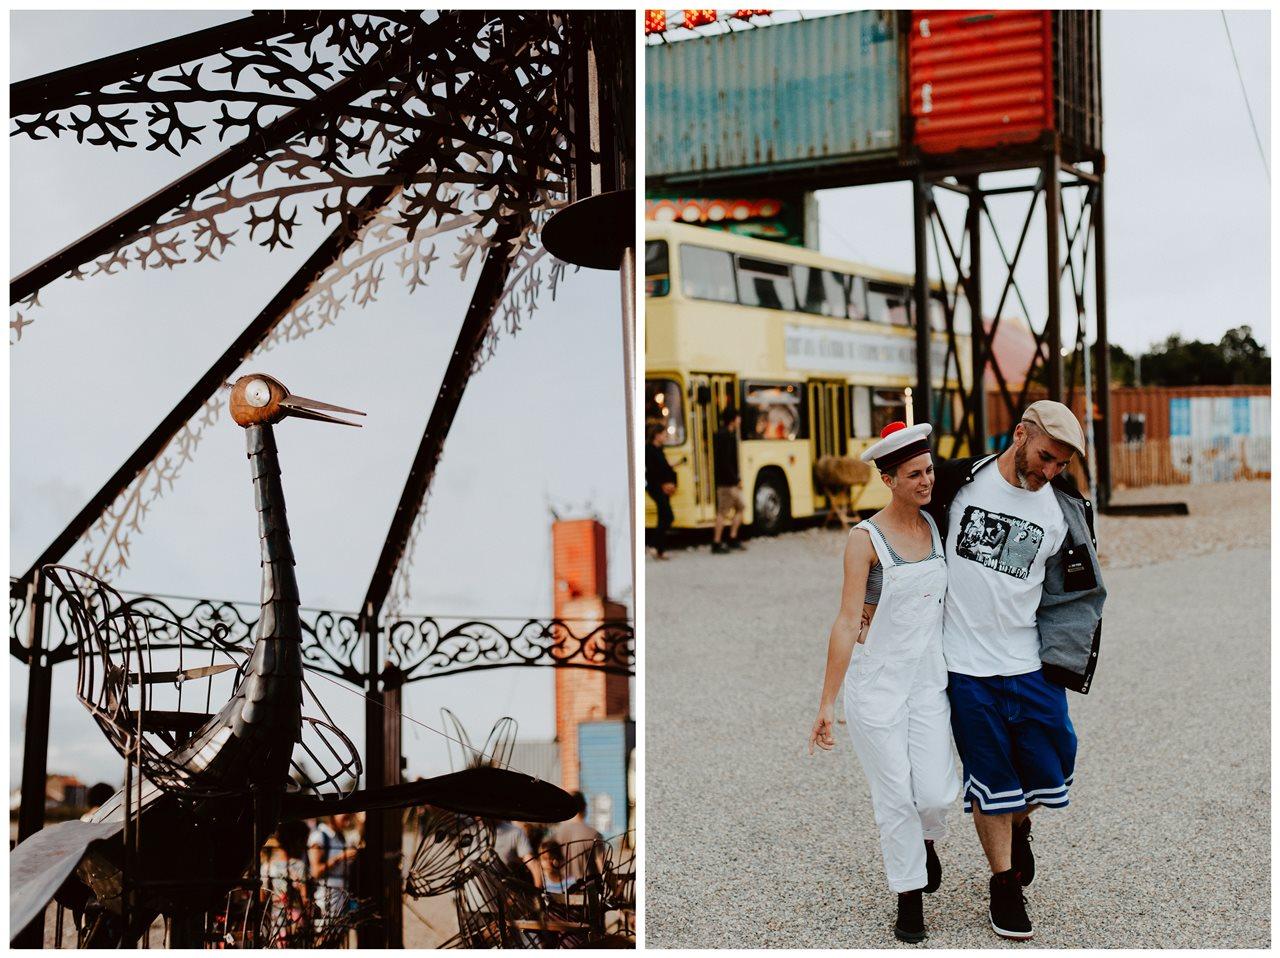 seance couple Nantes Transfert détail lieu artistique marche amoureux